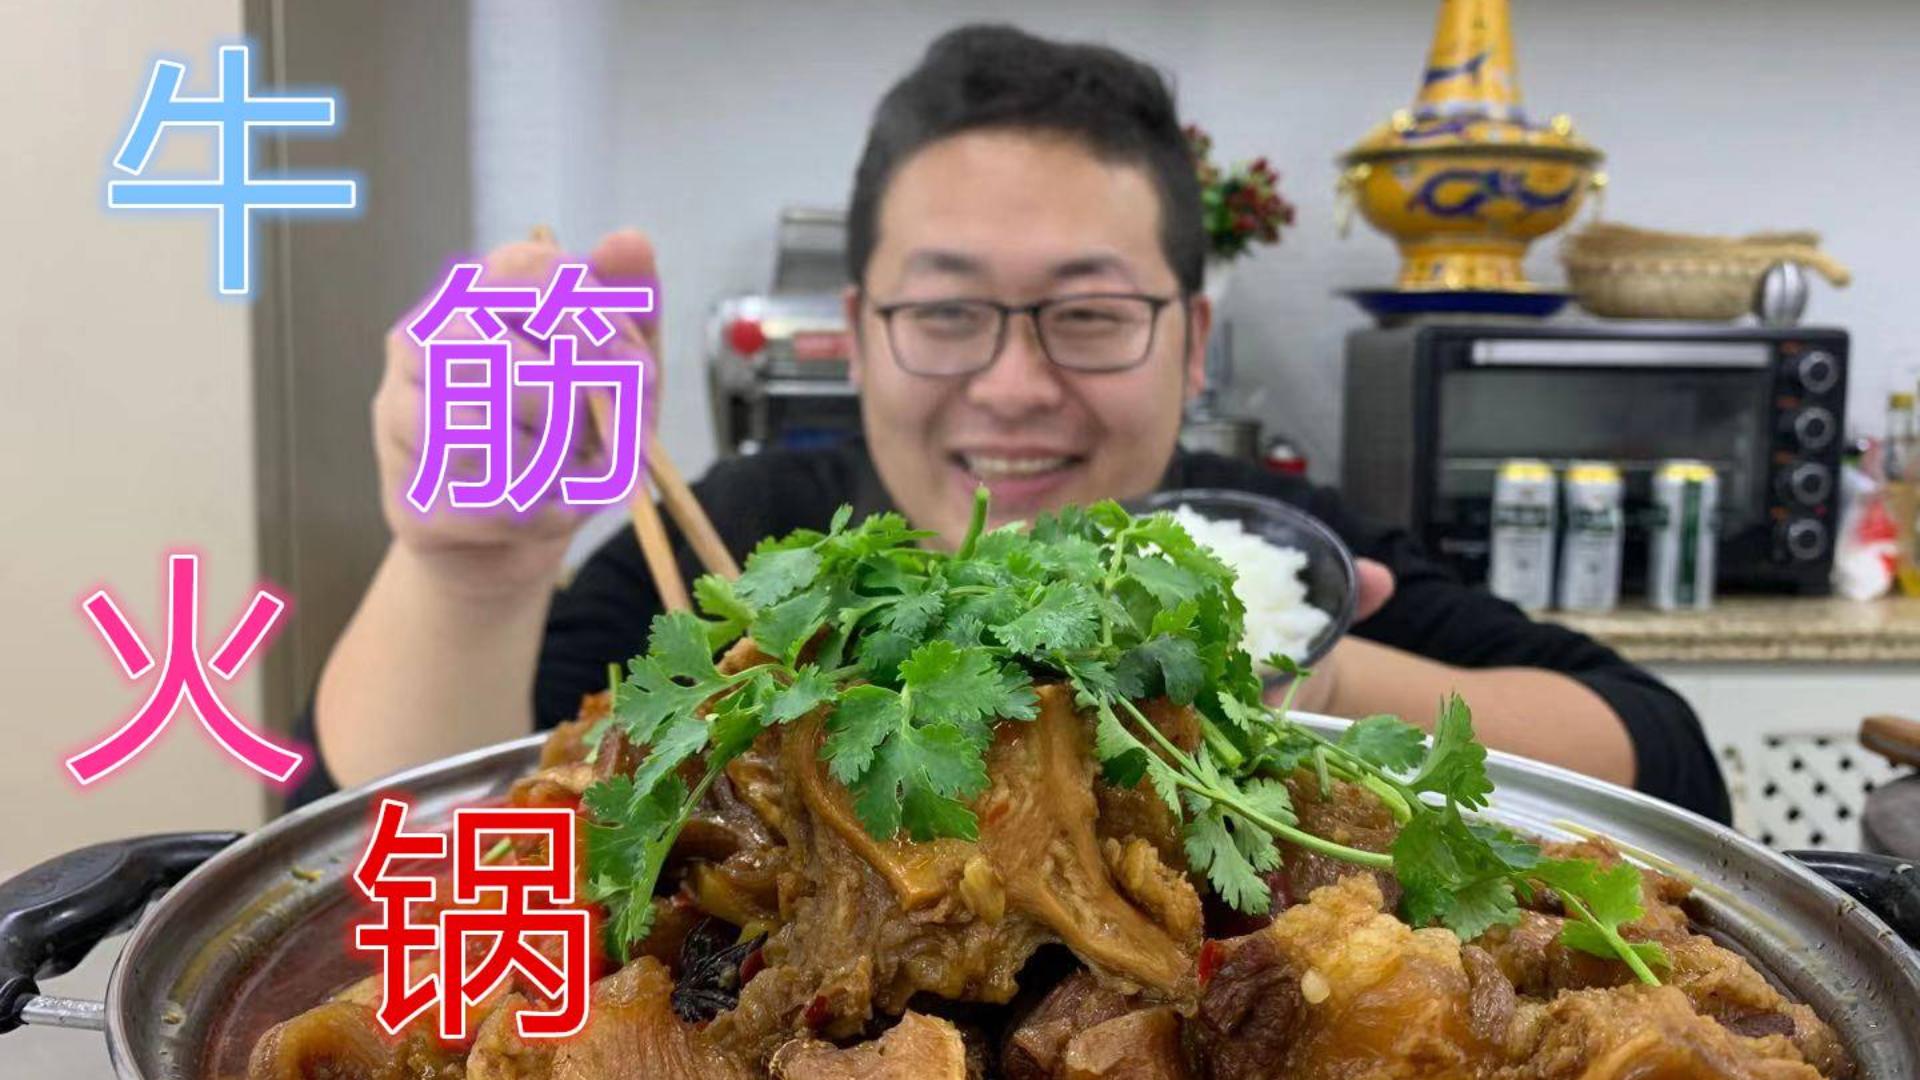 """180买个高压锅,125买5斤碎牛肉,做""""筋头巴脑火锅""""简单吃一口"""